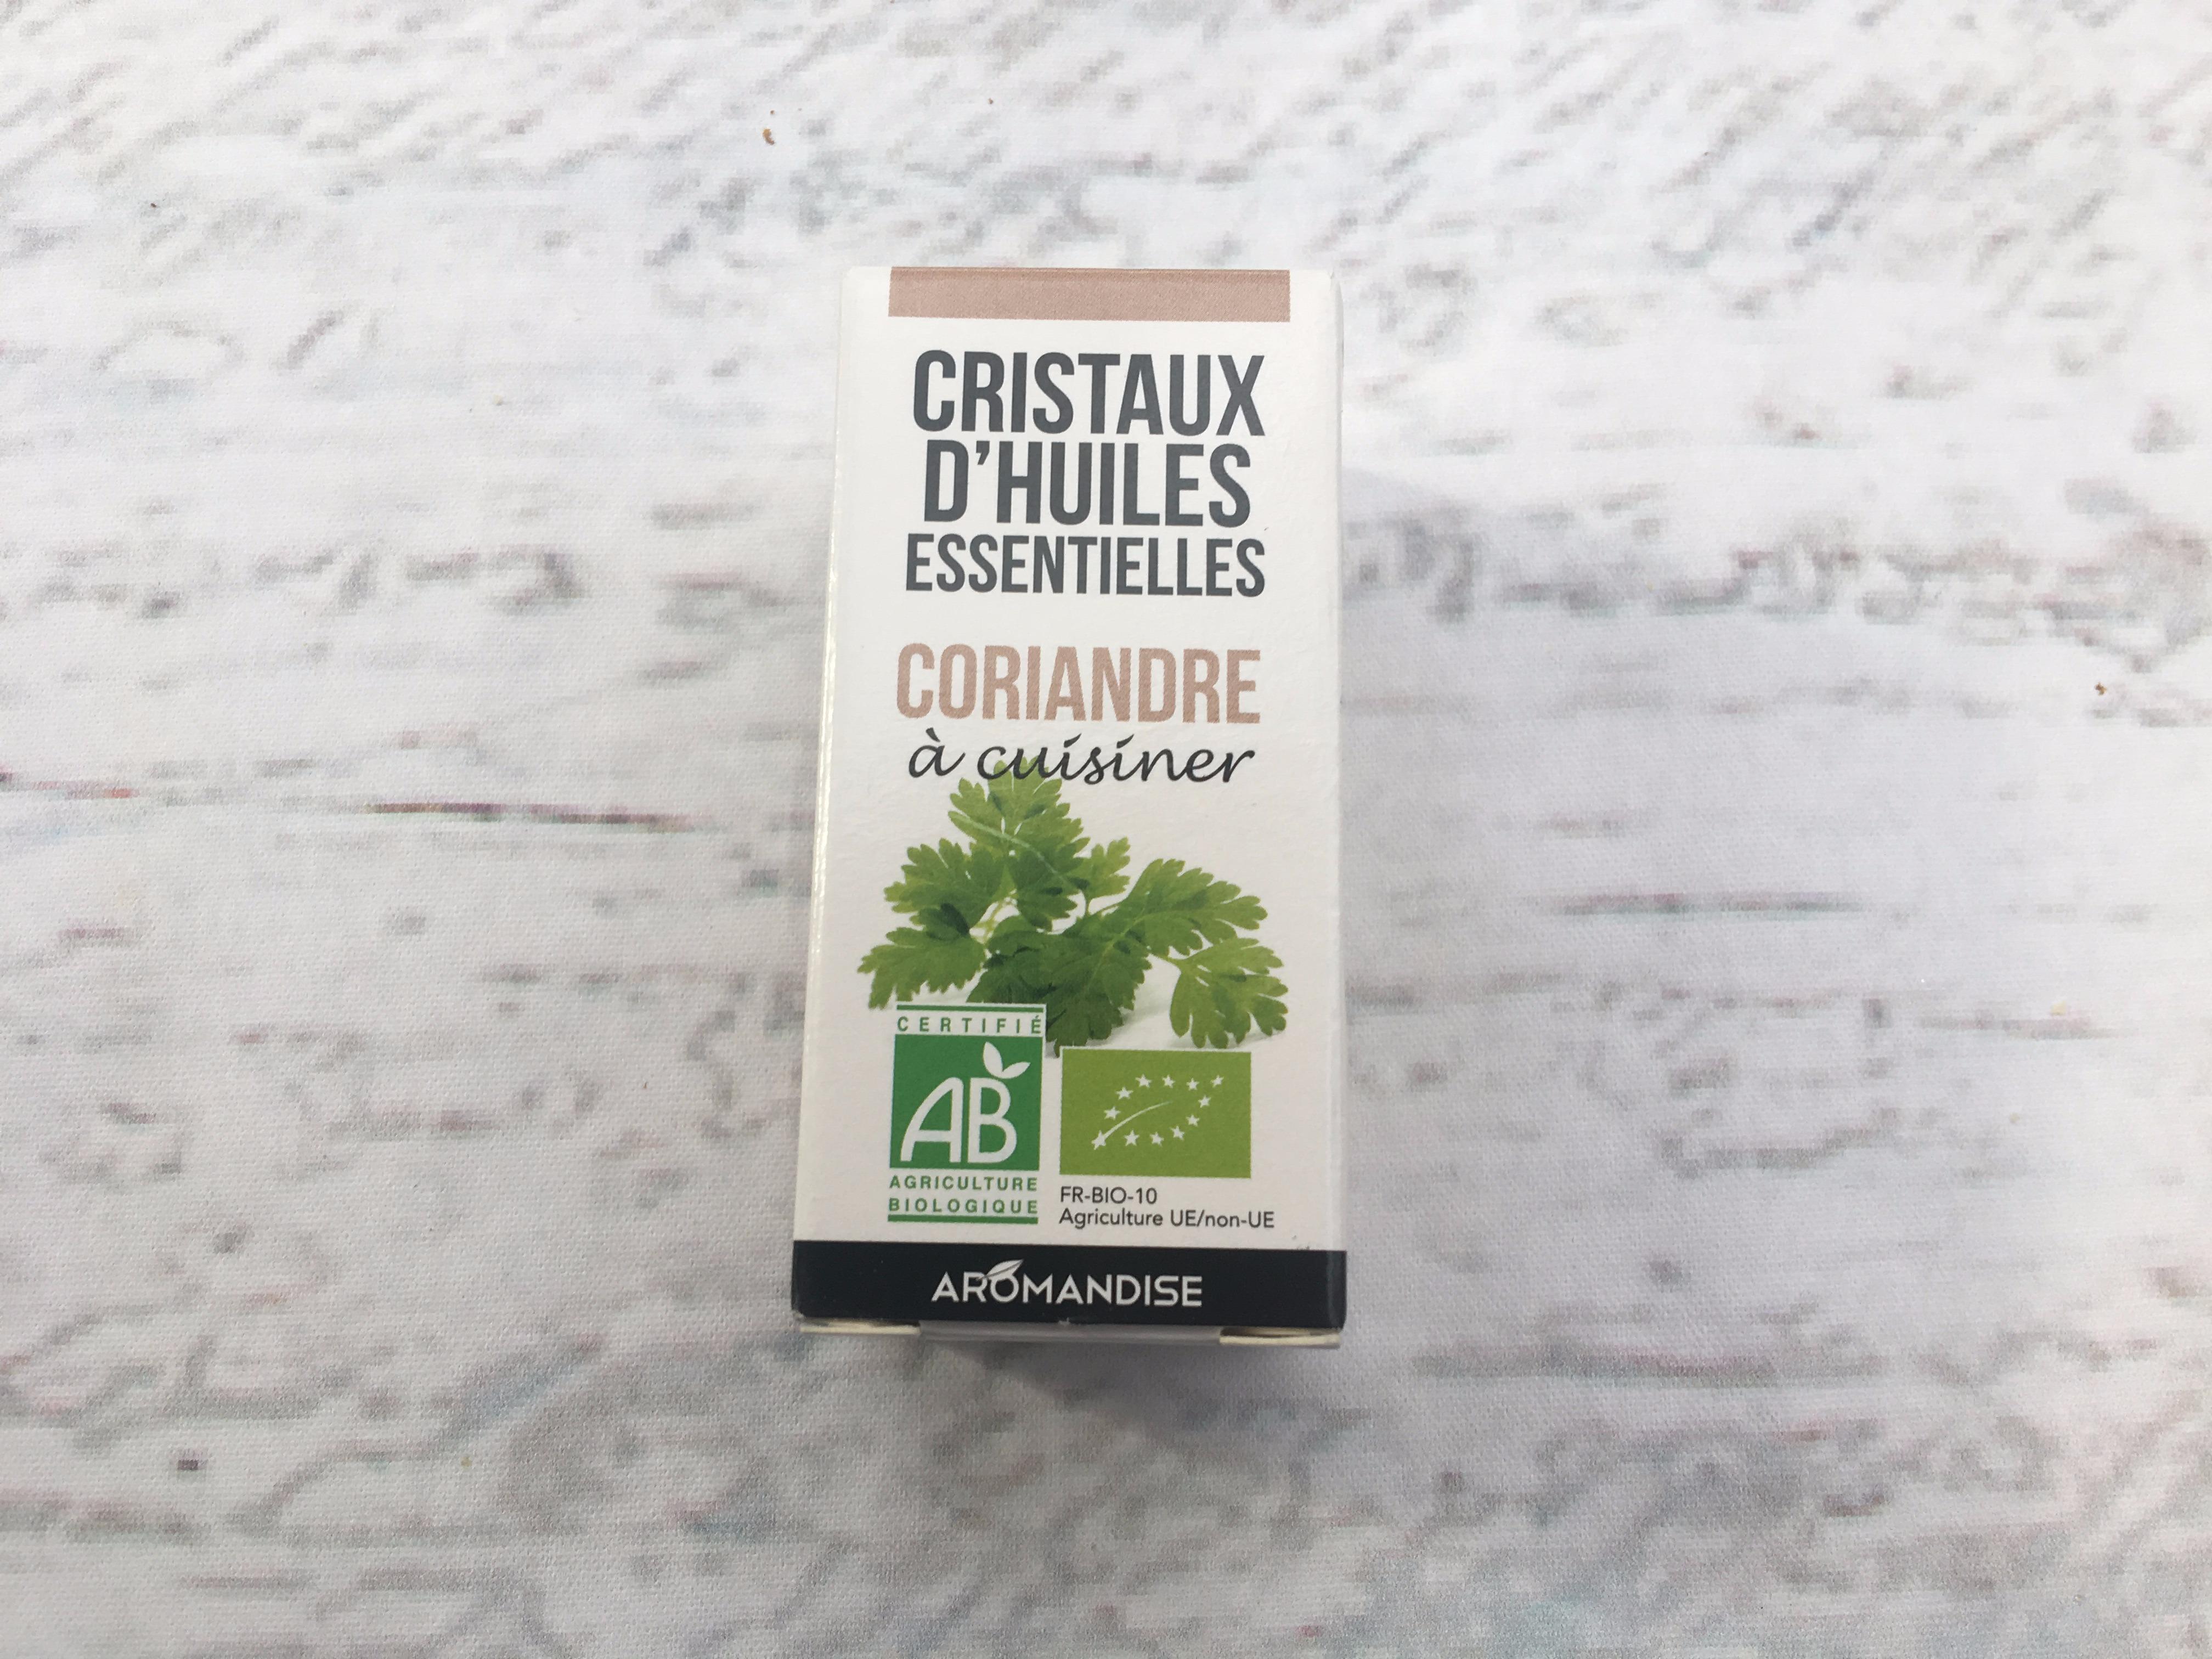 J'ai testé pour vous les cristaux d'huile essentielle - Coriandre